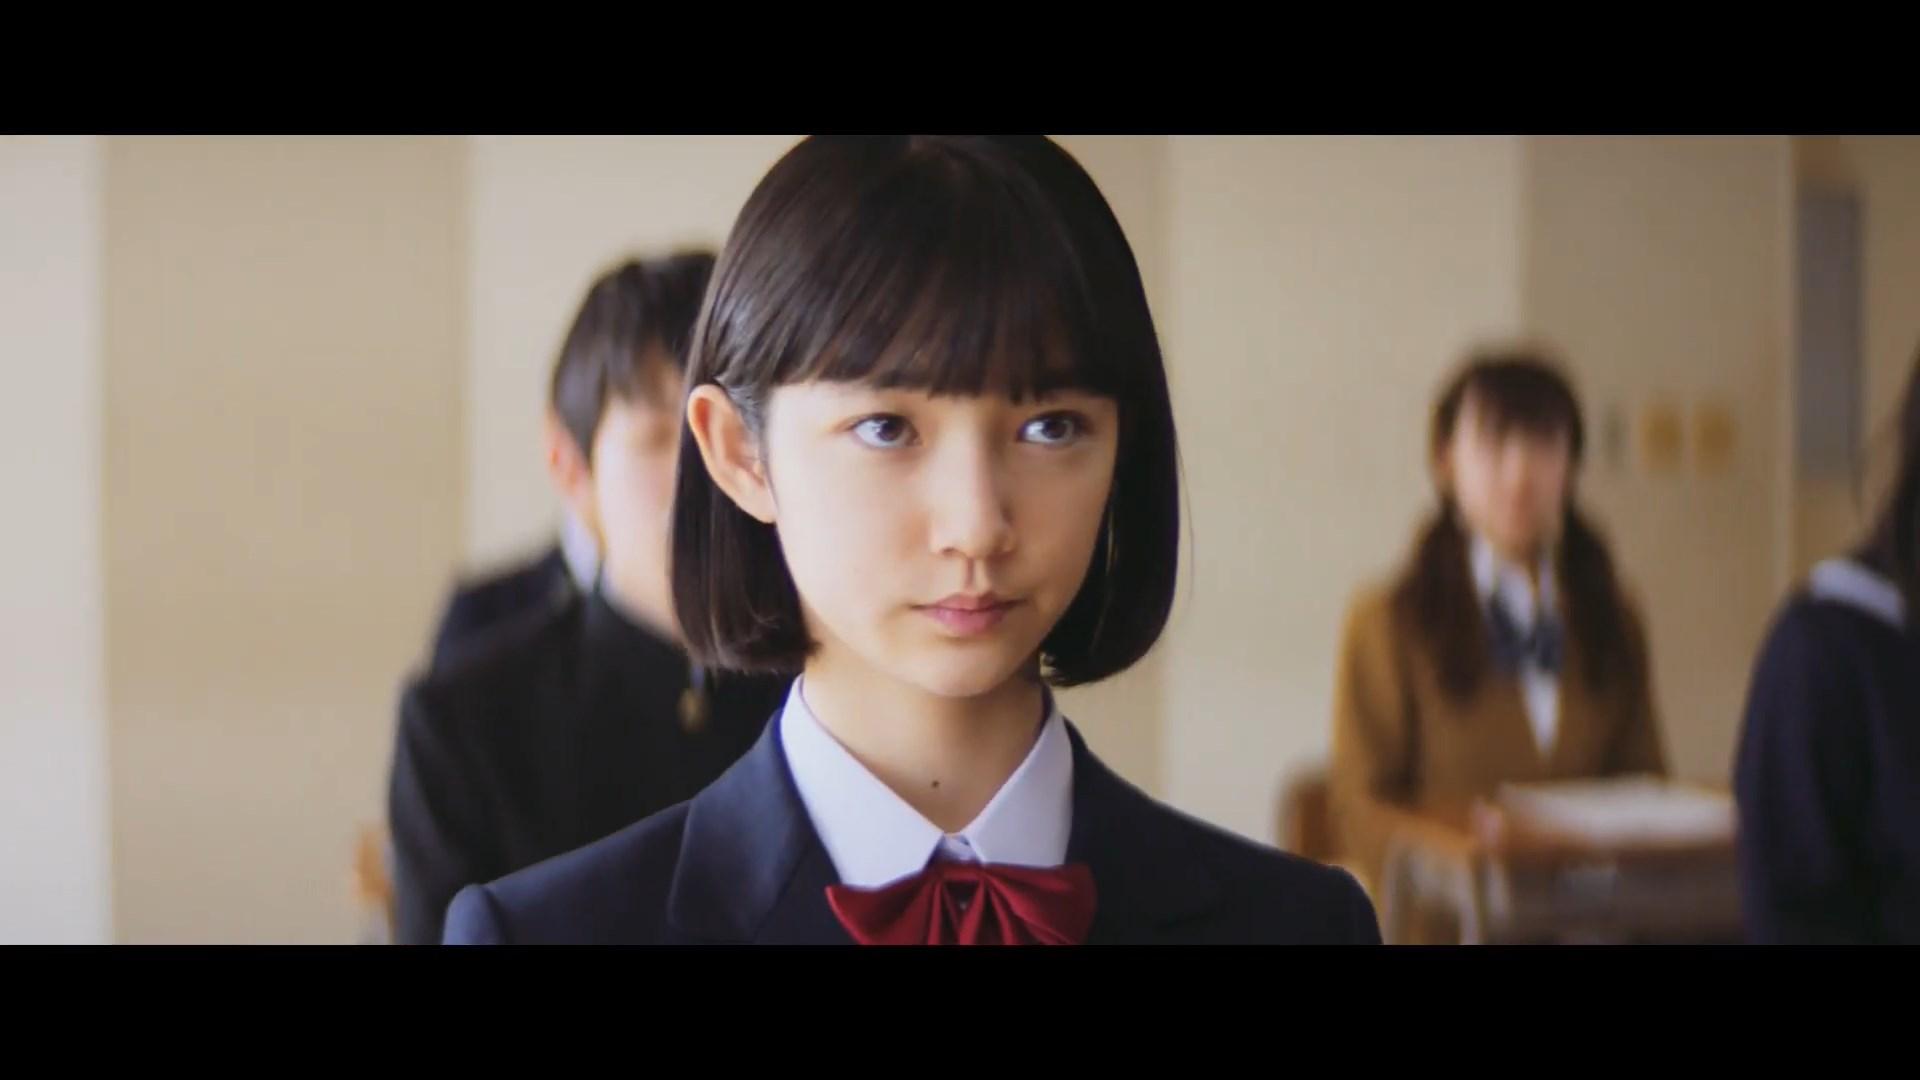 小宮山莉渚 早稲田アカデミー ブランドムービー「受験はおそろしい?」篇